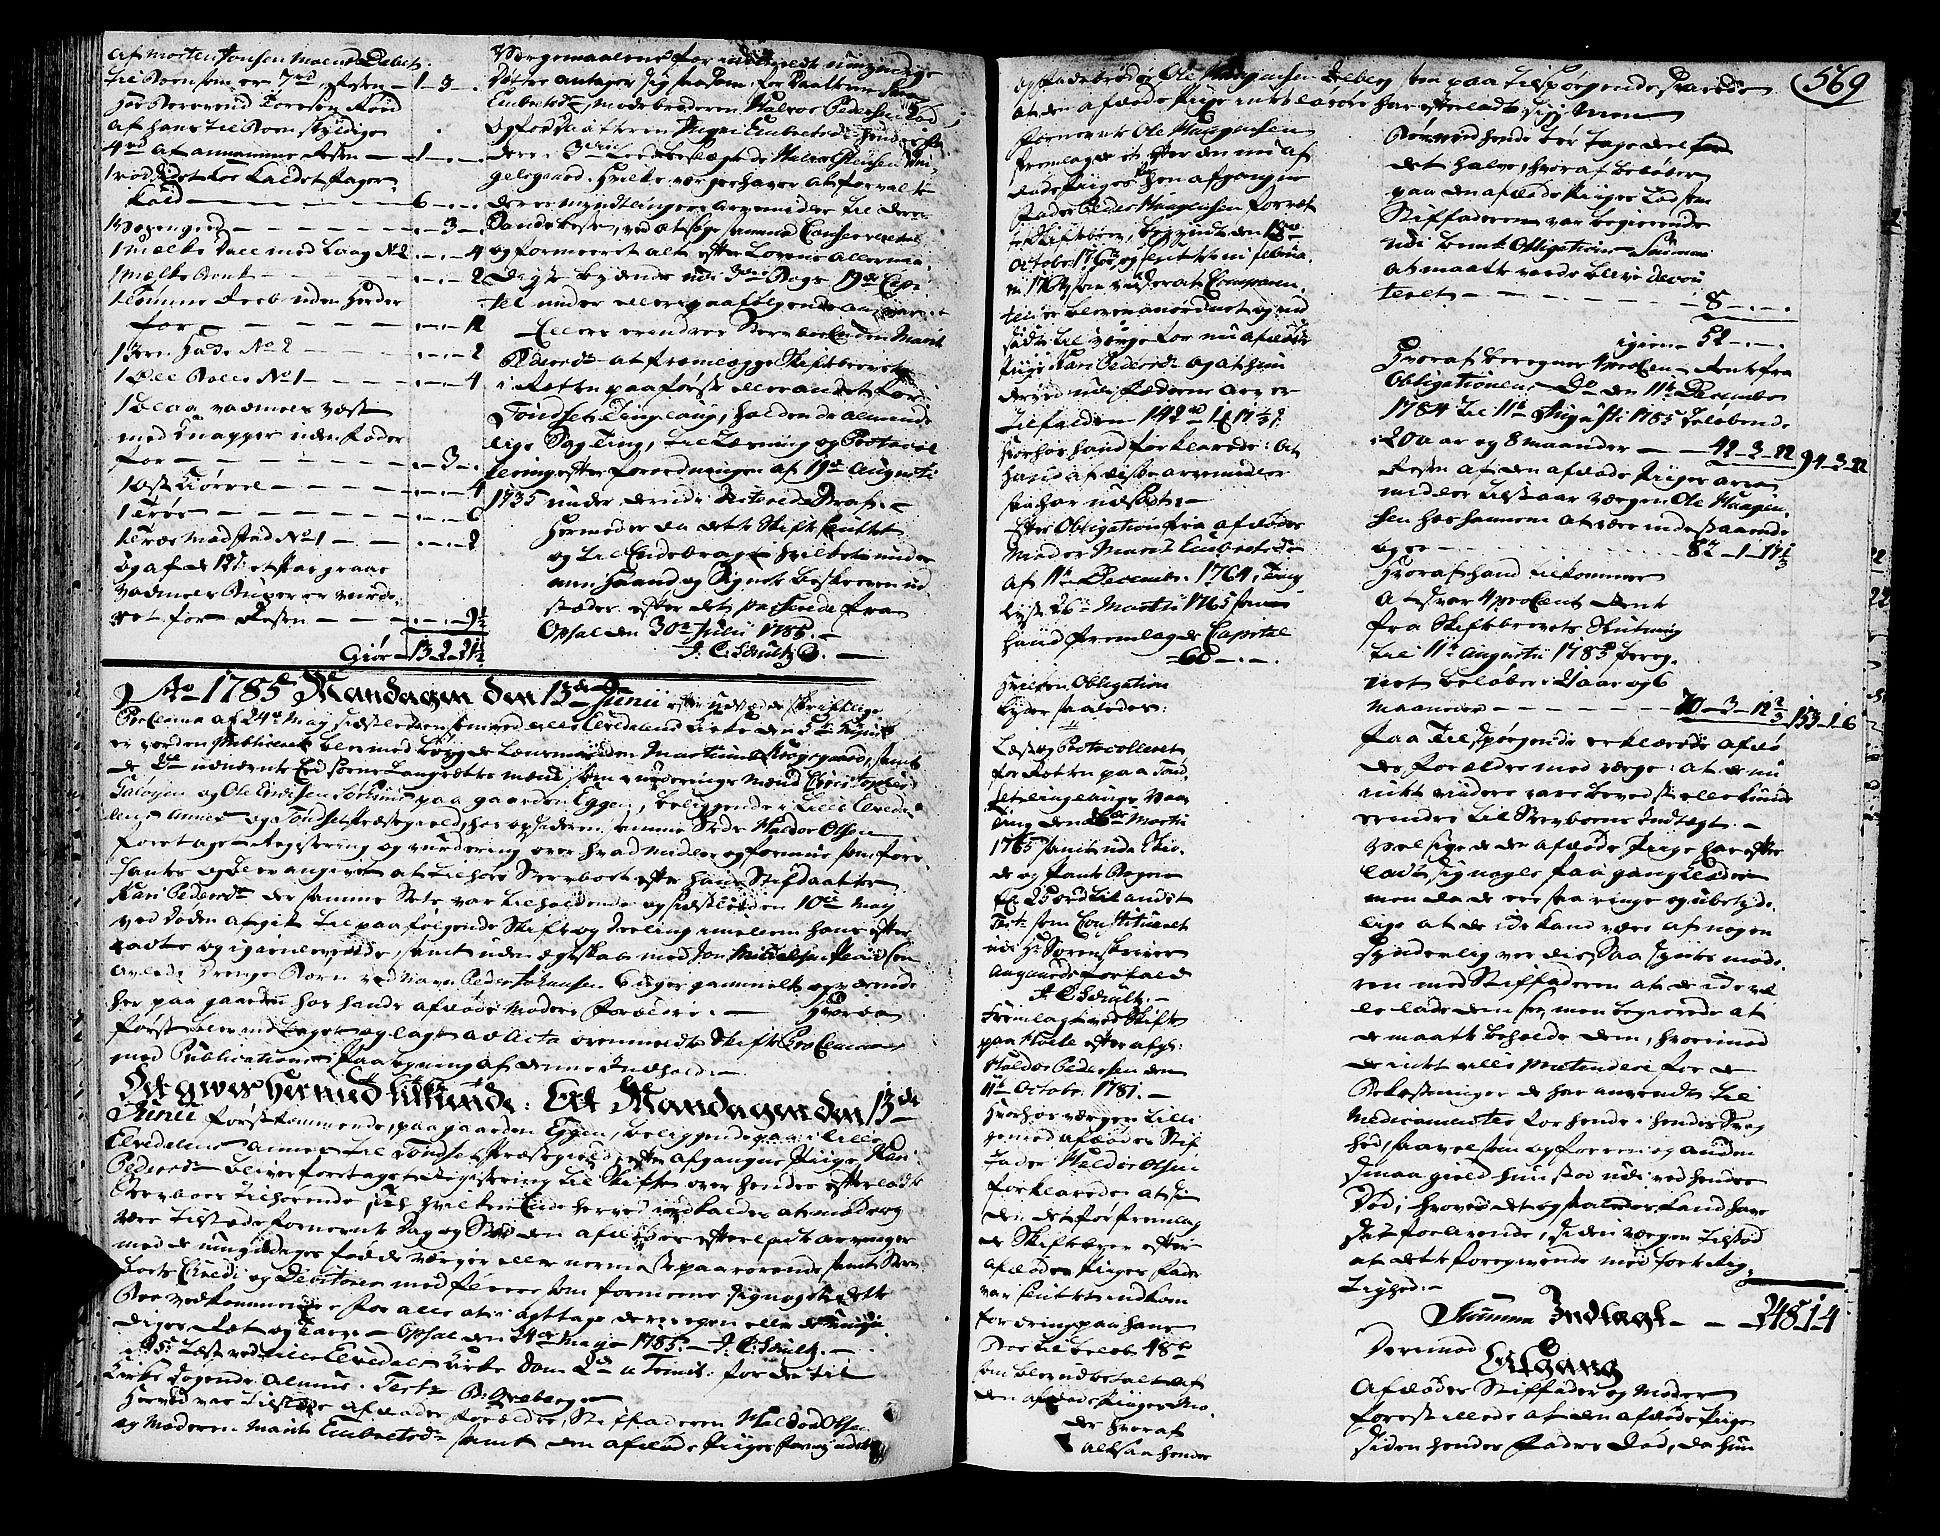 SAH, Østerdalen sorenskriveri, J/Ja/L0004: Skifteprotokoll, 1781-1785, s. 568b-569a